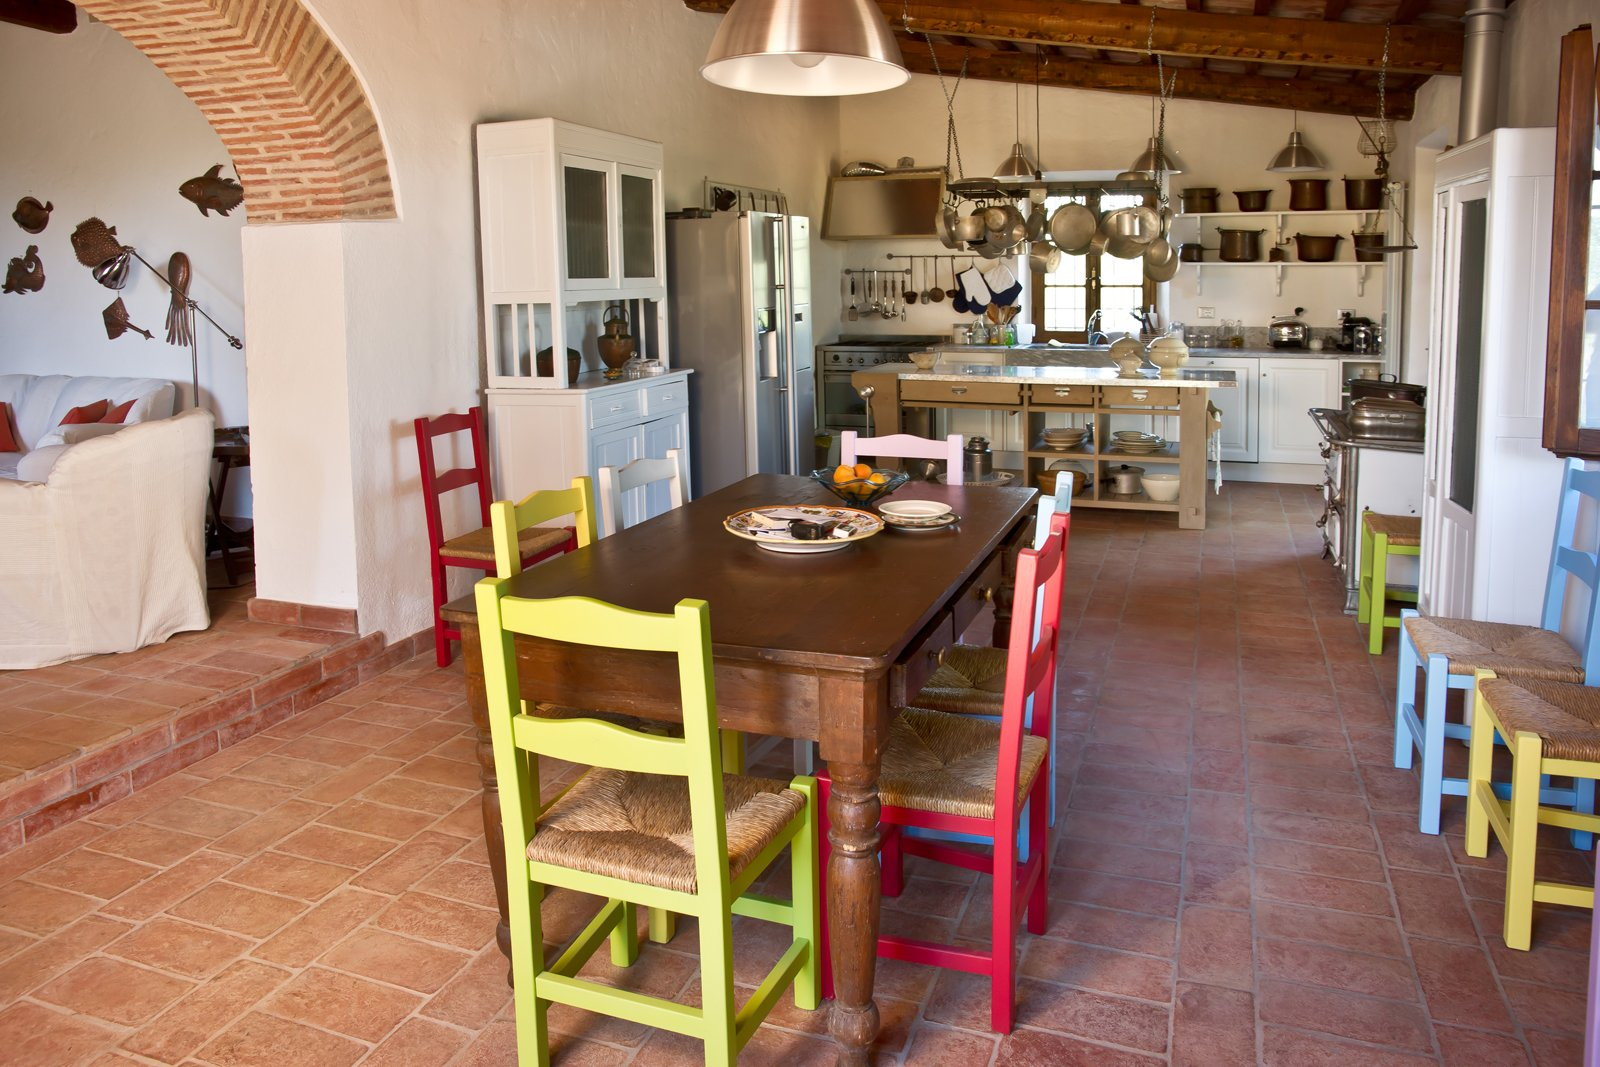 Cotto A Legna Il Pavimento Cotto Di Cristiani Adatto A Una Cucina  #988333 1600 1067 Come Arredare Cucina Soggiorno Rustica